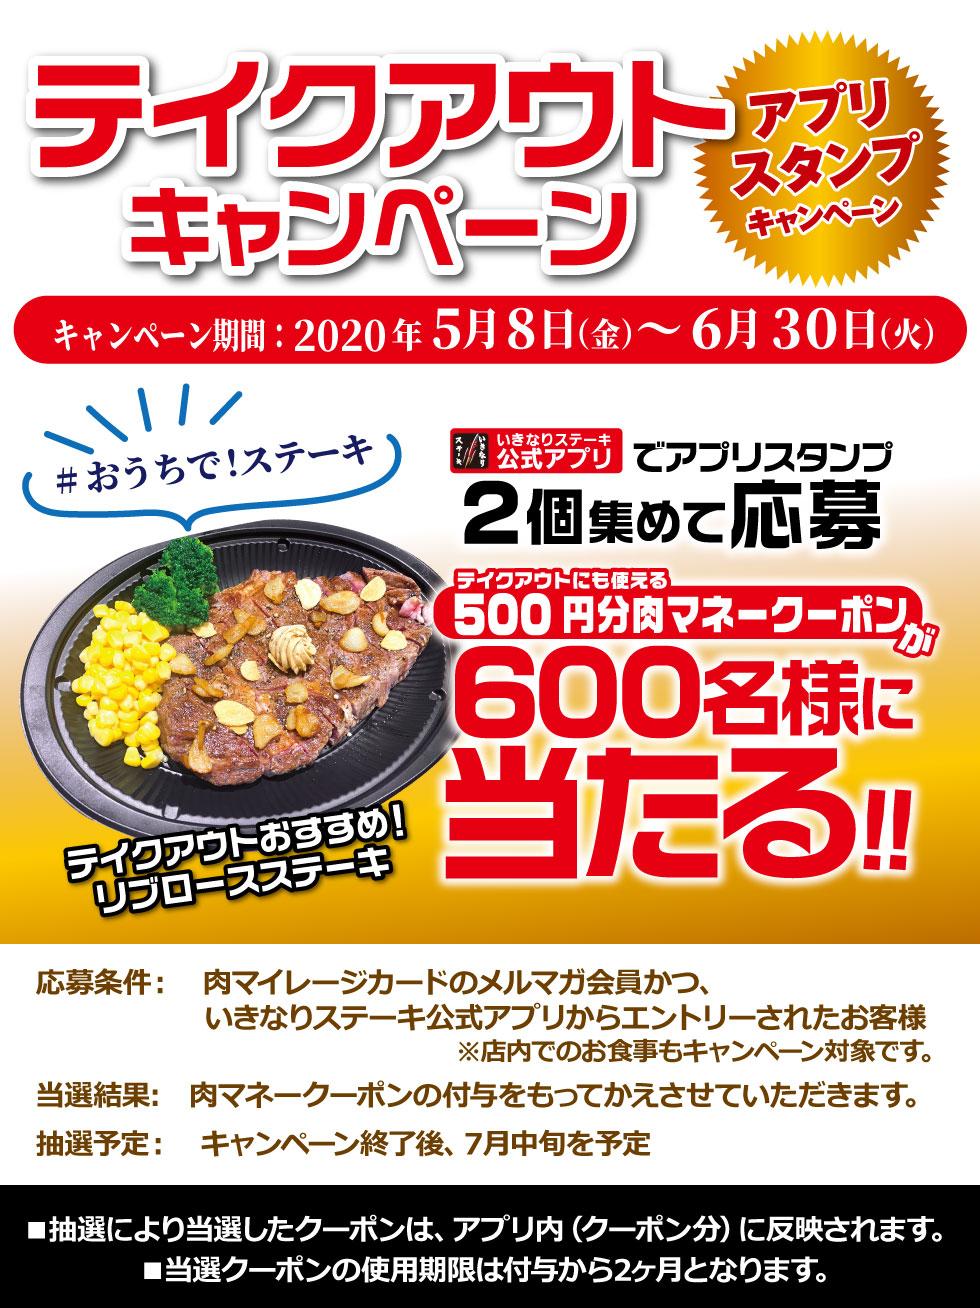 いきなりステーキでいきなりテイクアウト。持ち帰りで2回食べると600円分の肉マネークーポンが当たる。~6/30。